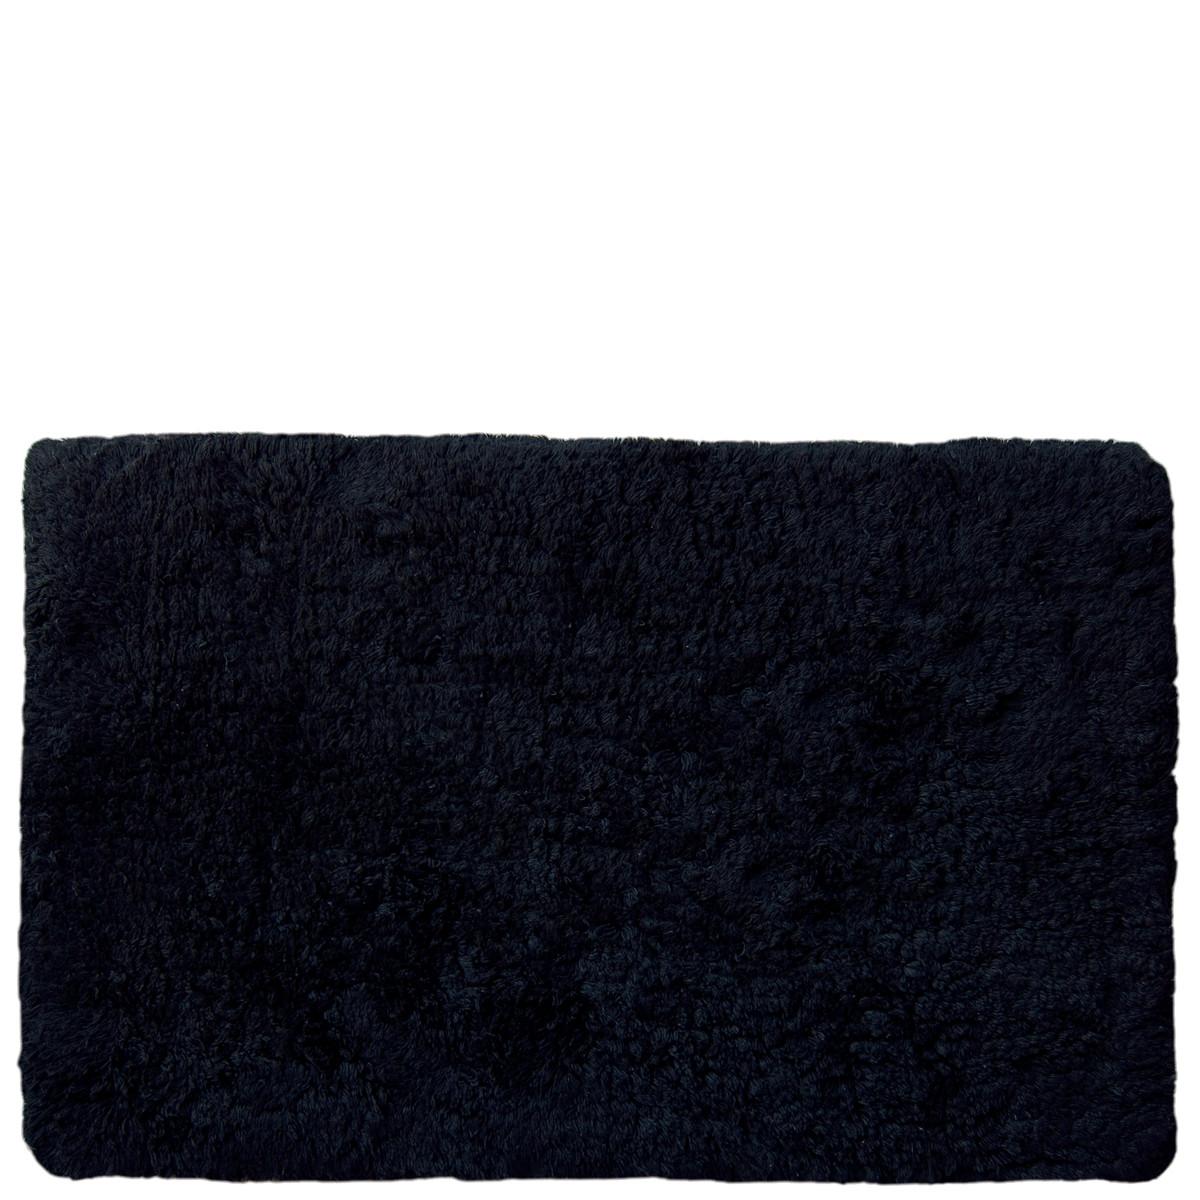 Tapis de Bain | 50 cm x 75 cm | Noir